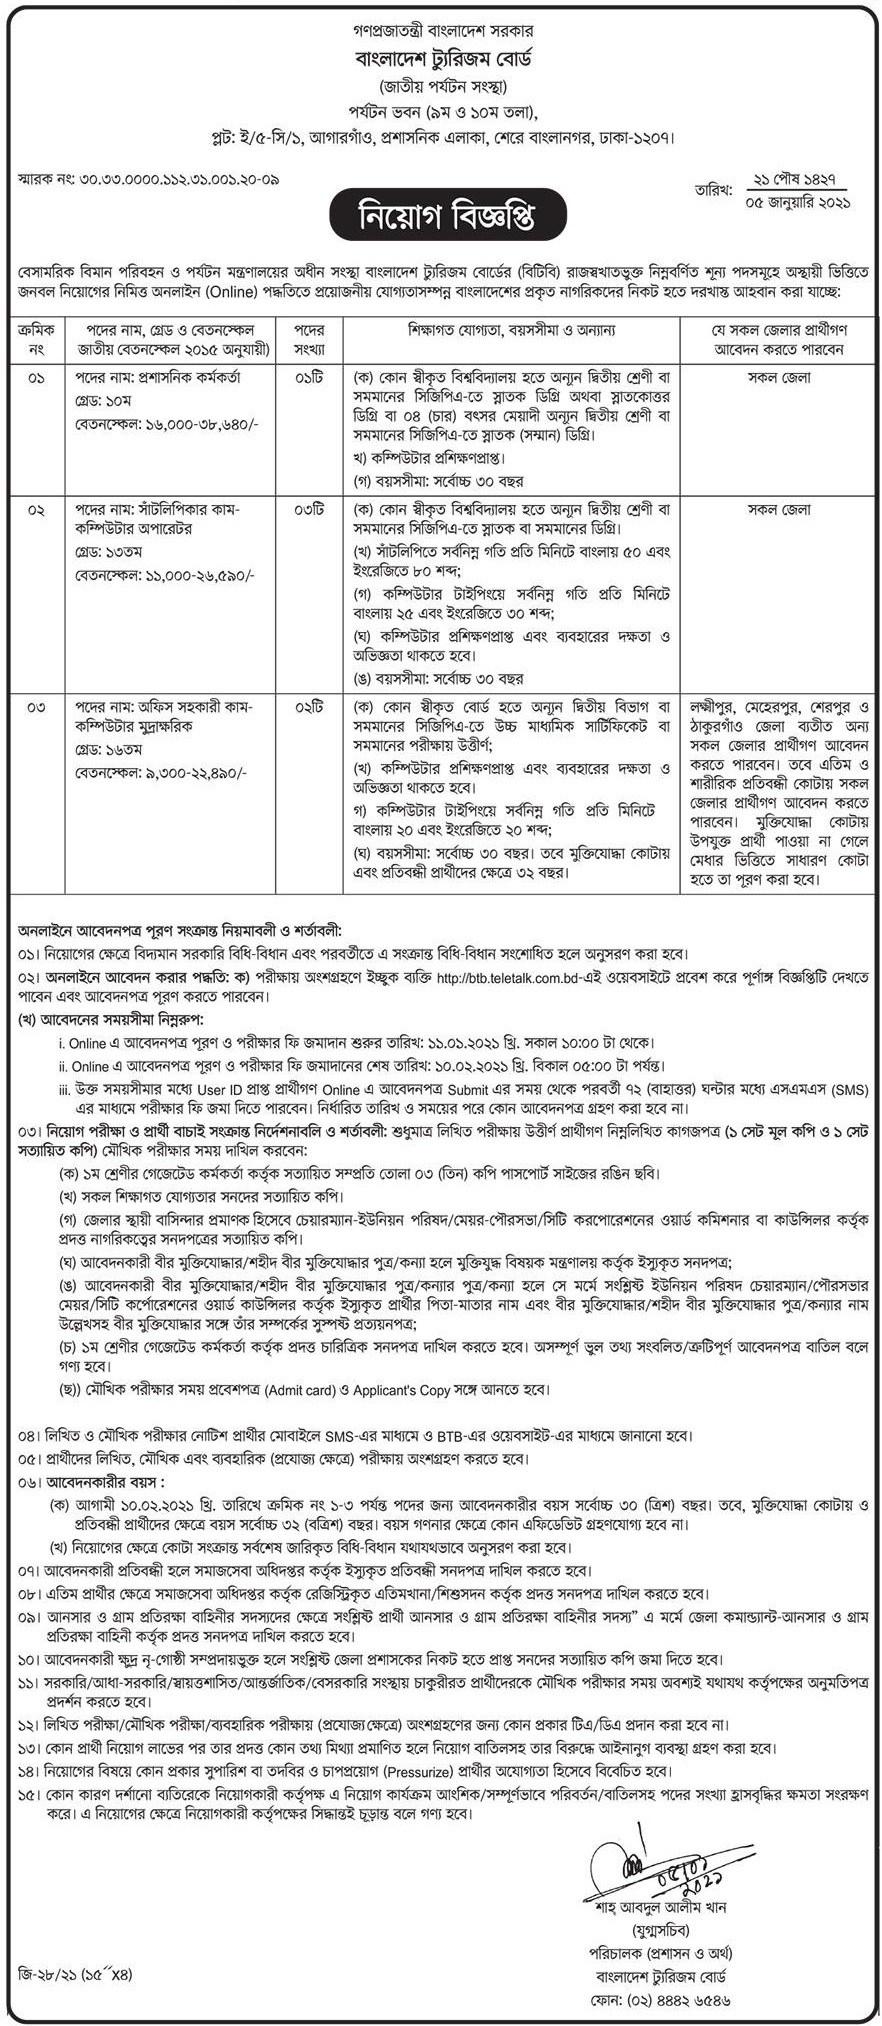 প্রথম আলো চাকরির খবর ০৮ জানুয়ারি ২০২১ - prothom alo chakrir khobor 08 january 2021